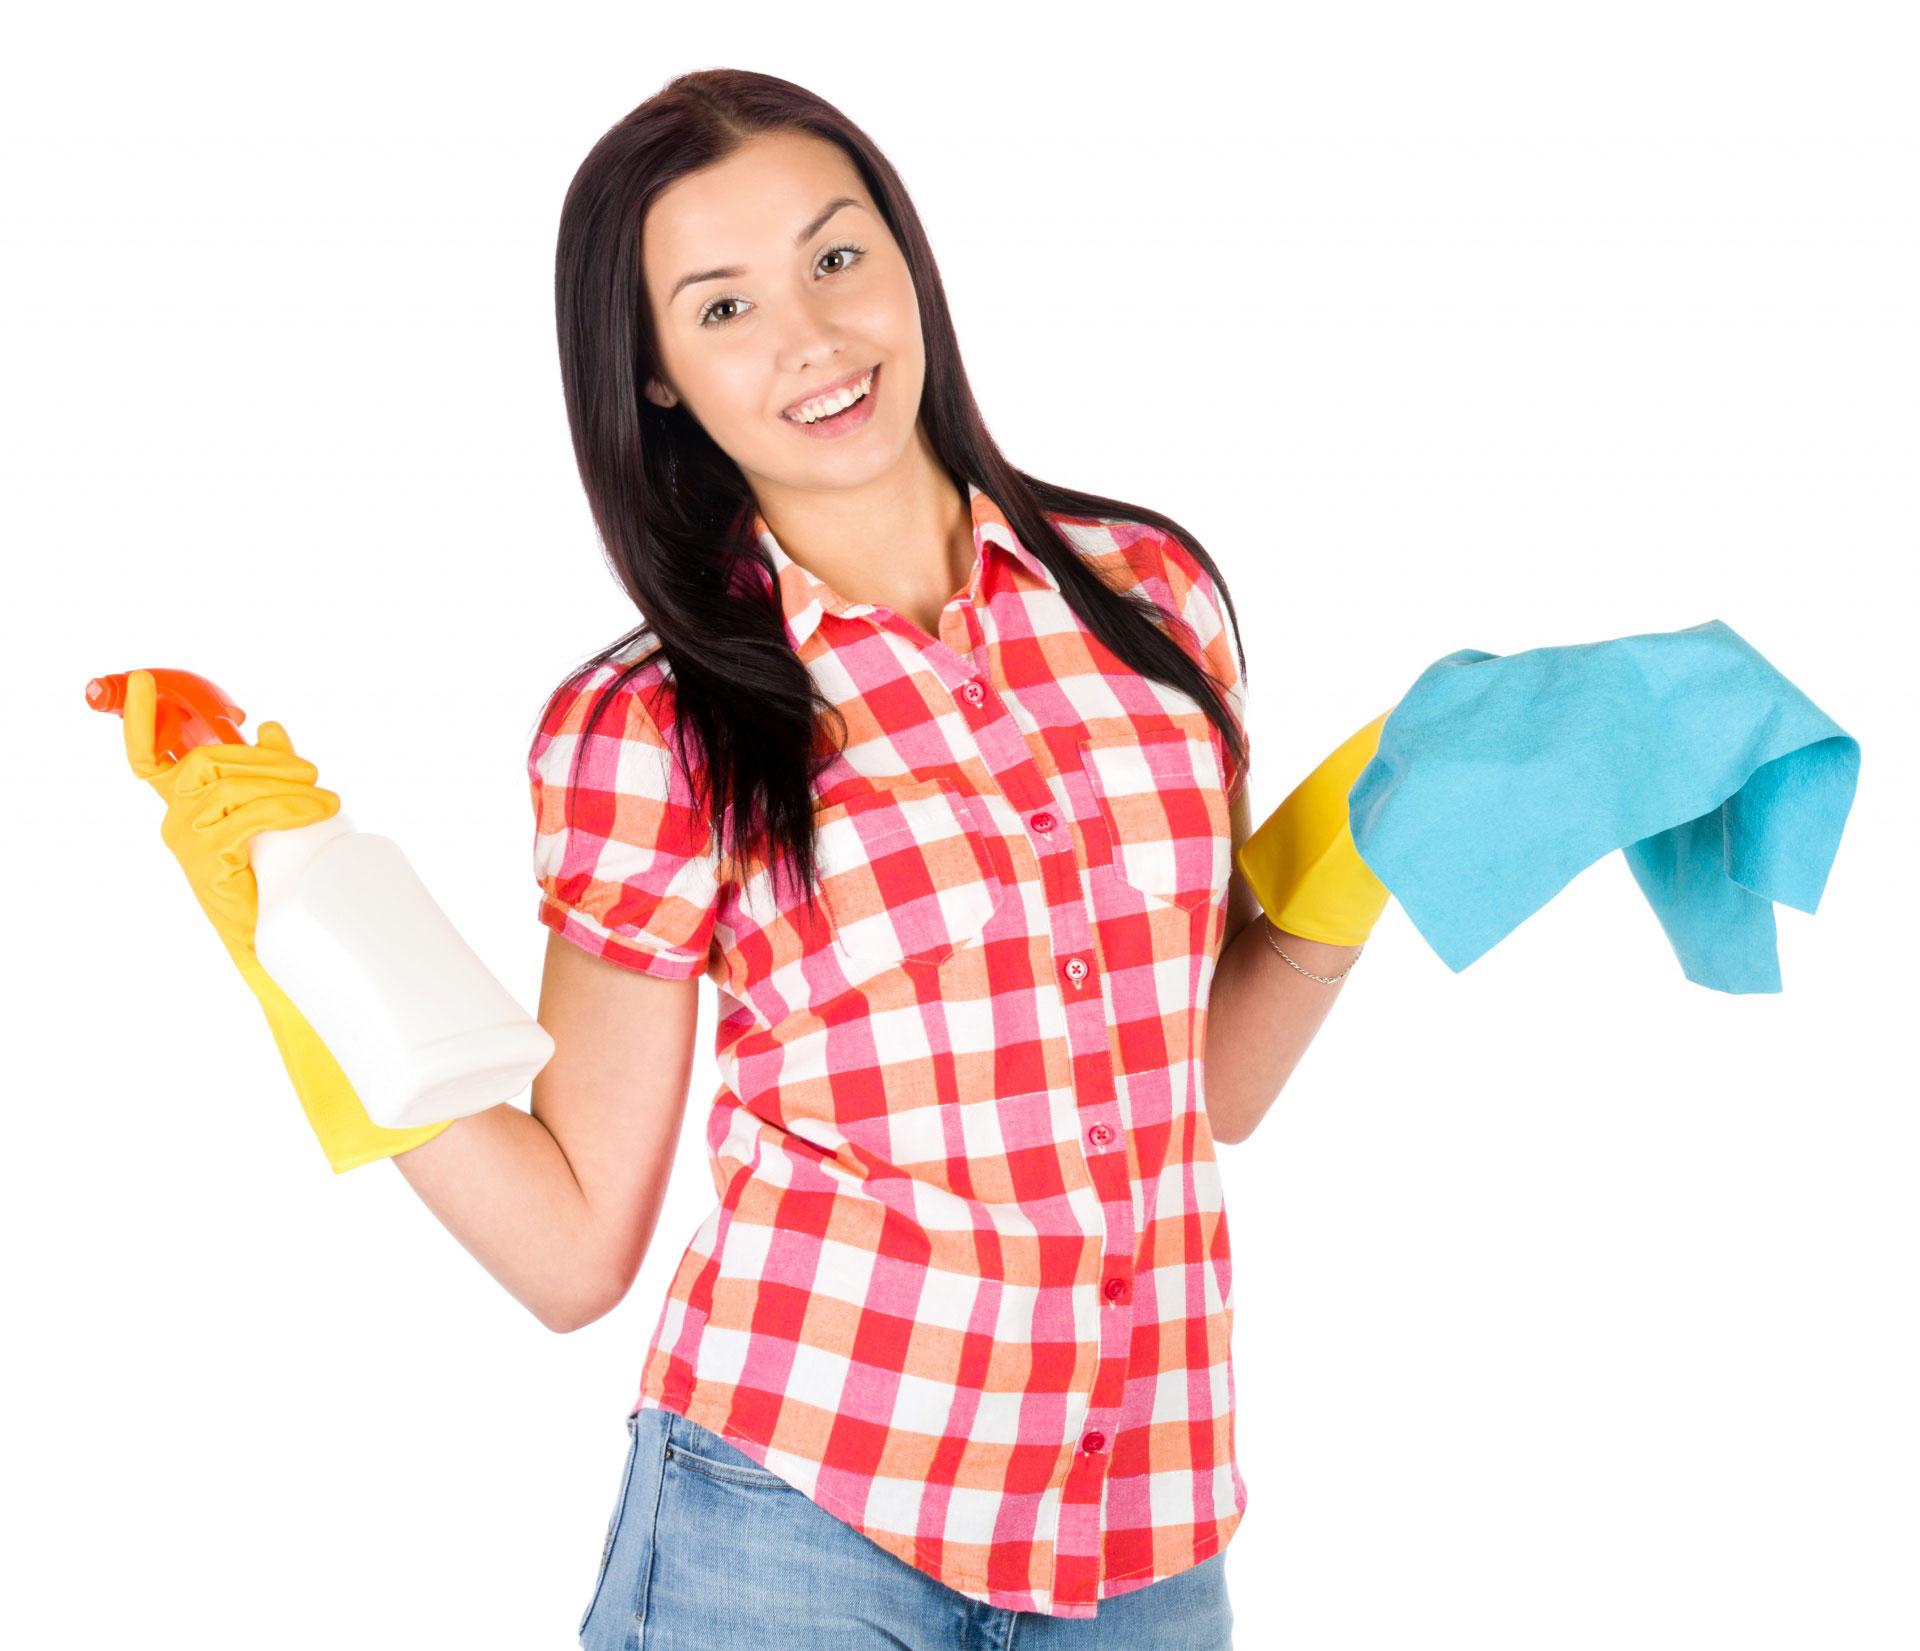 Fratelli poppi vendita ingrosso detersivi - Prodotti ecologici per la pulizia della casa ...